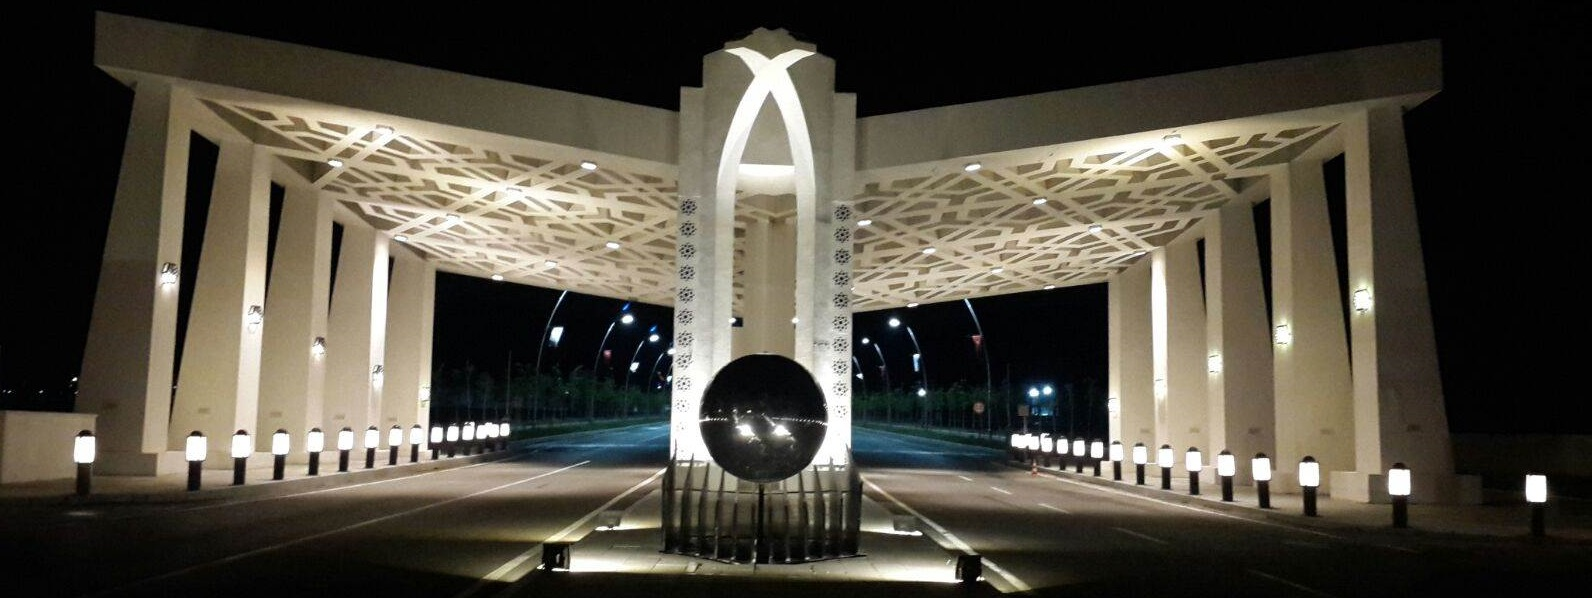 Anadoluda Bir Dünya Üniversitesi